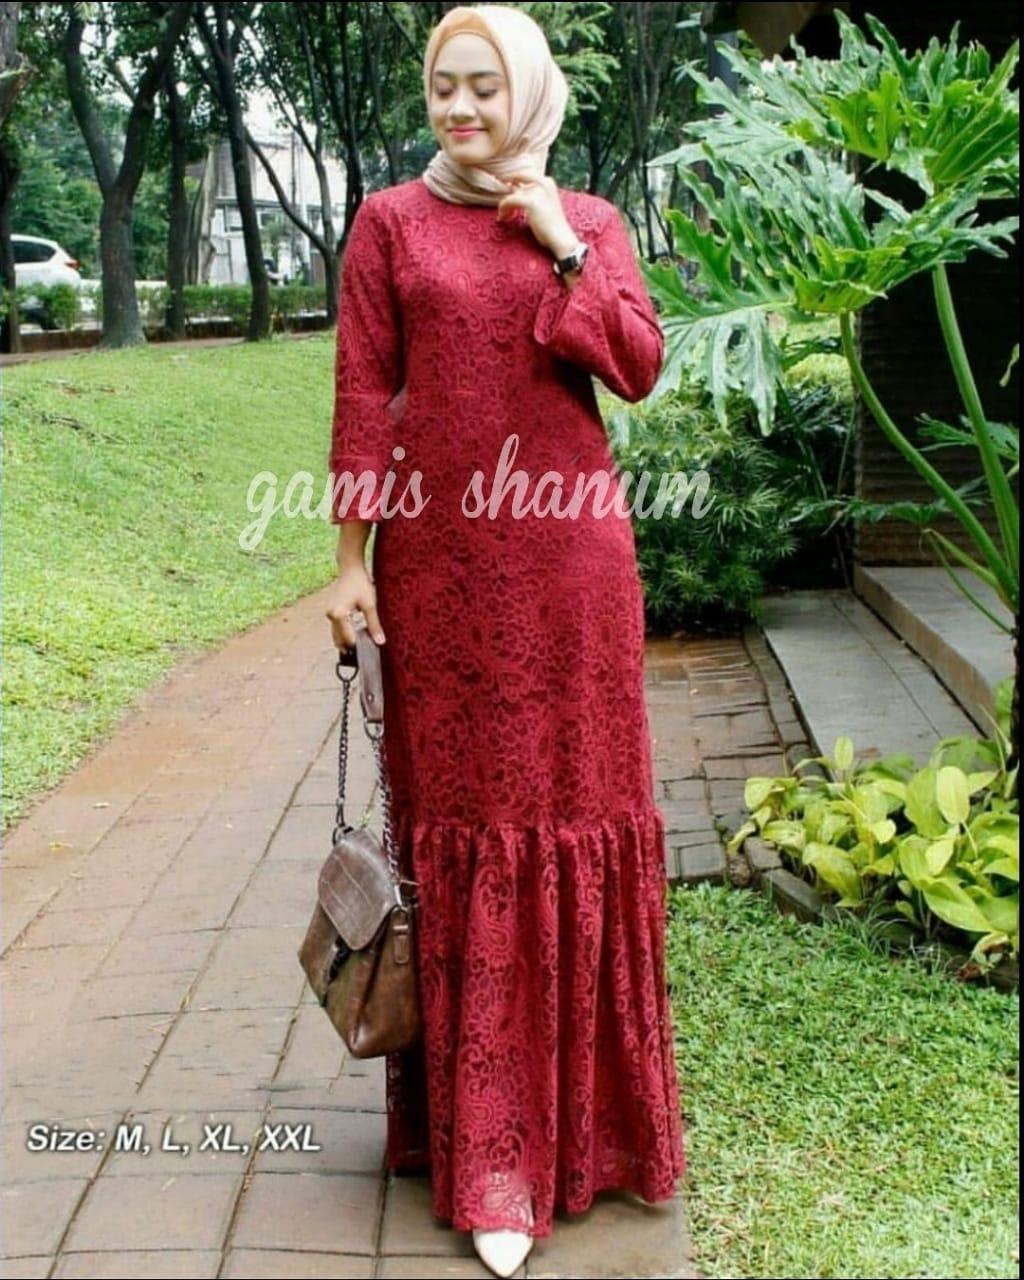 jeduastore Shanum Brokat Dress Baju Gamis Wanita Terbaru